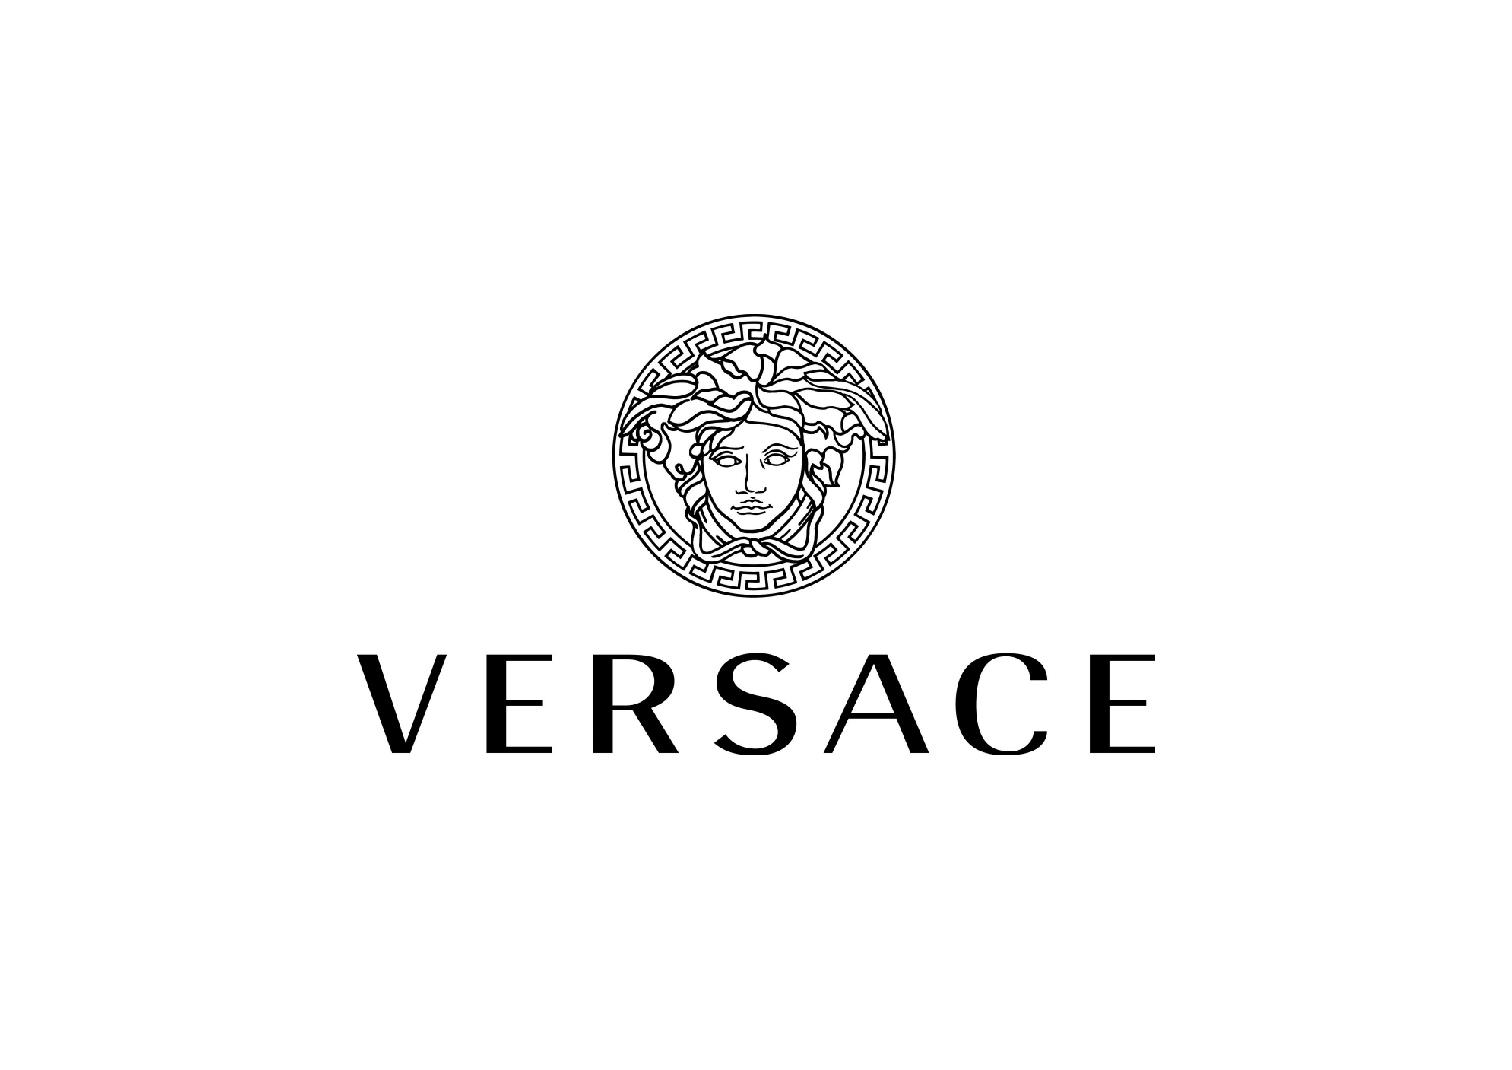 Versace-01.jpg